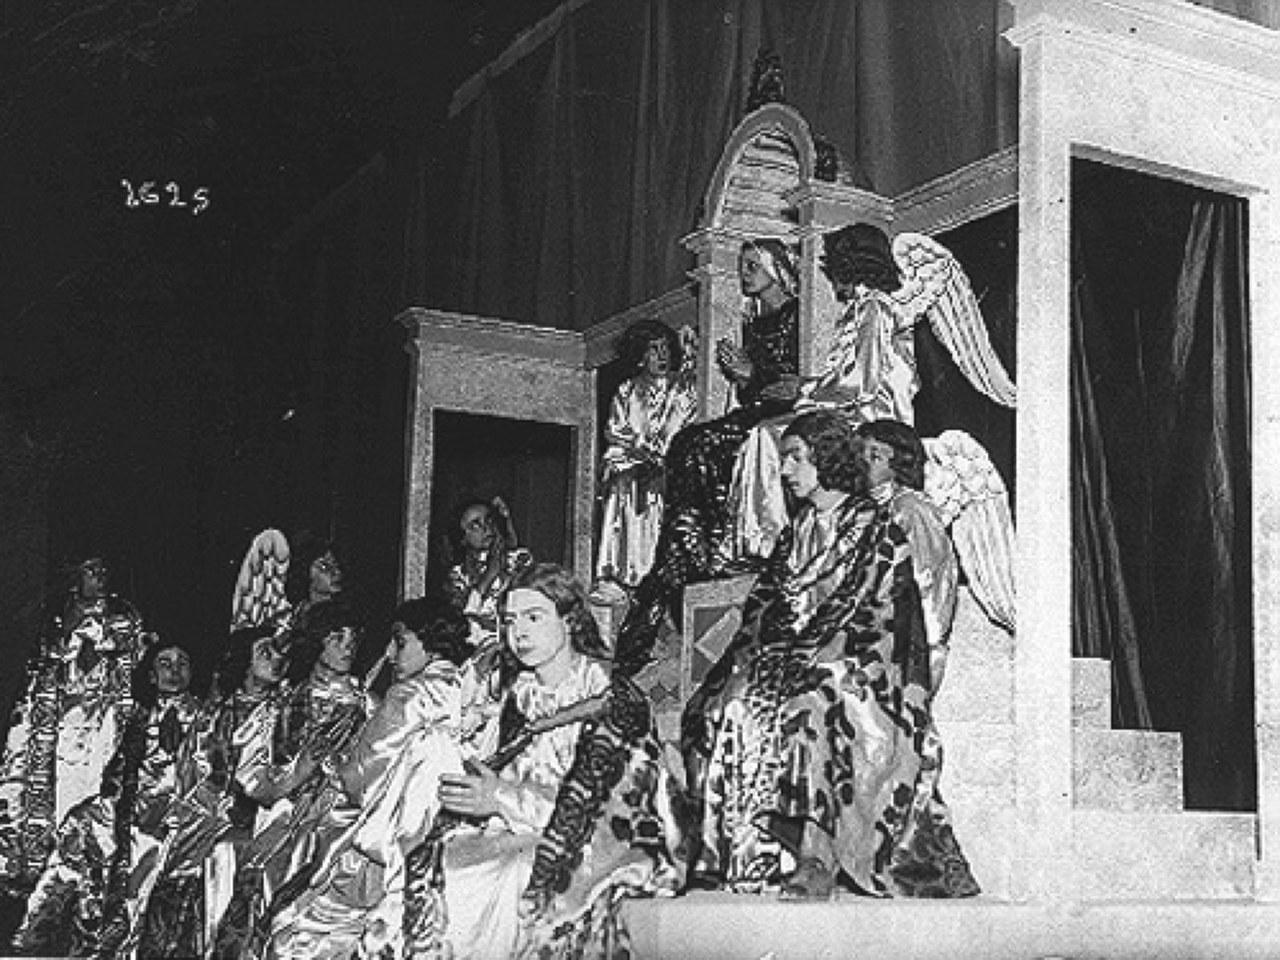 Rina Morelli-Vergine Maria in trono per La rappresentazione di Sant'Uliva, regia di Jacques Copeau, 1933 (Archivio Multimediale Attori Italiani, www.memoria-attori.amati.fupress.net).